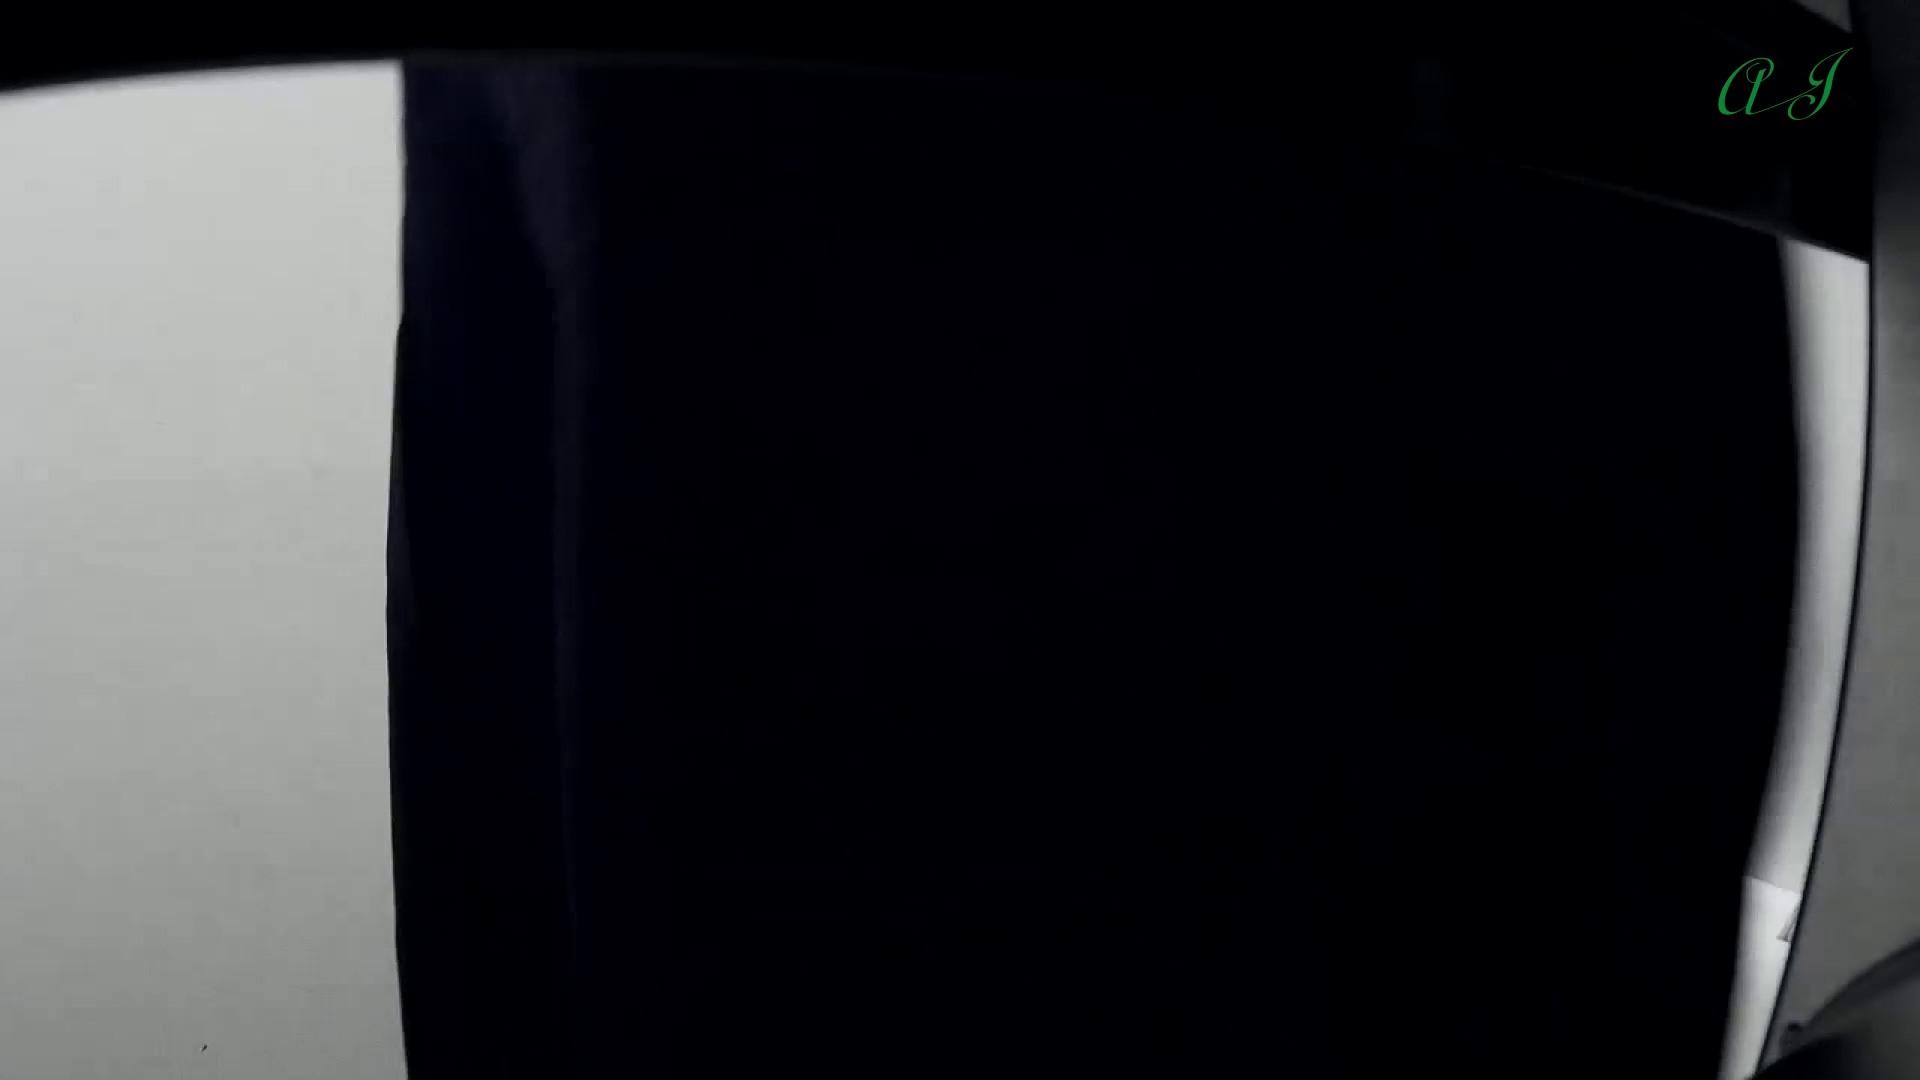 ▲2017_29位▲ 【35位 2016】有名大学女性洗面所 vol.63 OL | 洗面所着替え  85連発 20